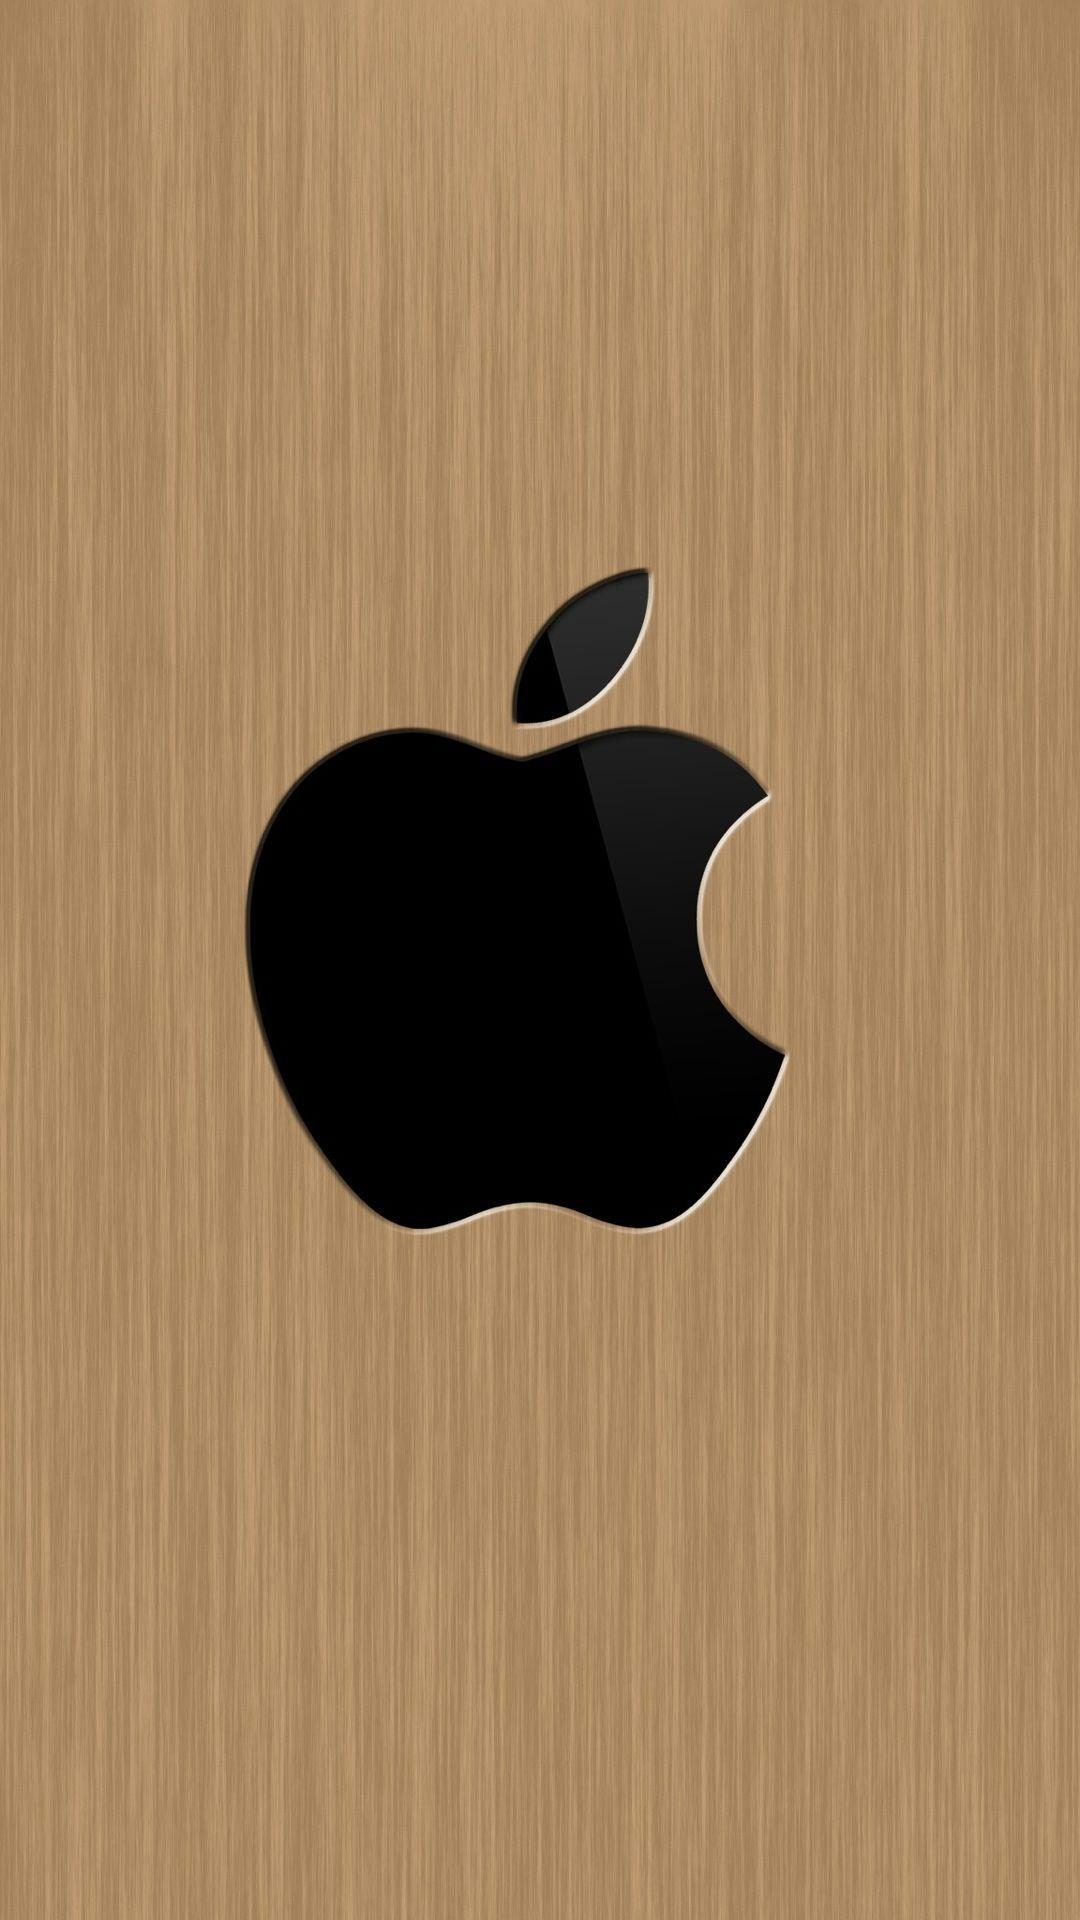 新着1位 木の板にappleの刻印 Iphone8 スマホ壁紙 待受画像ギャラリー スマホ壁紙 木目調の壁紙 アップルの壁紙